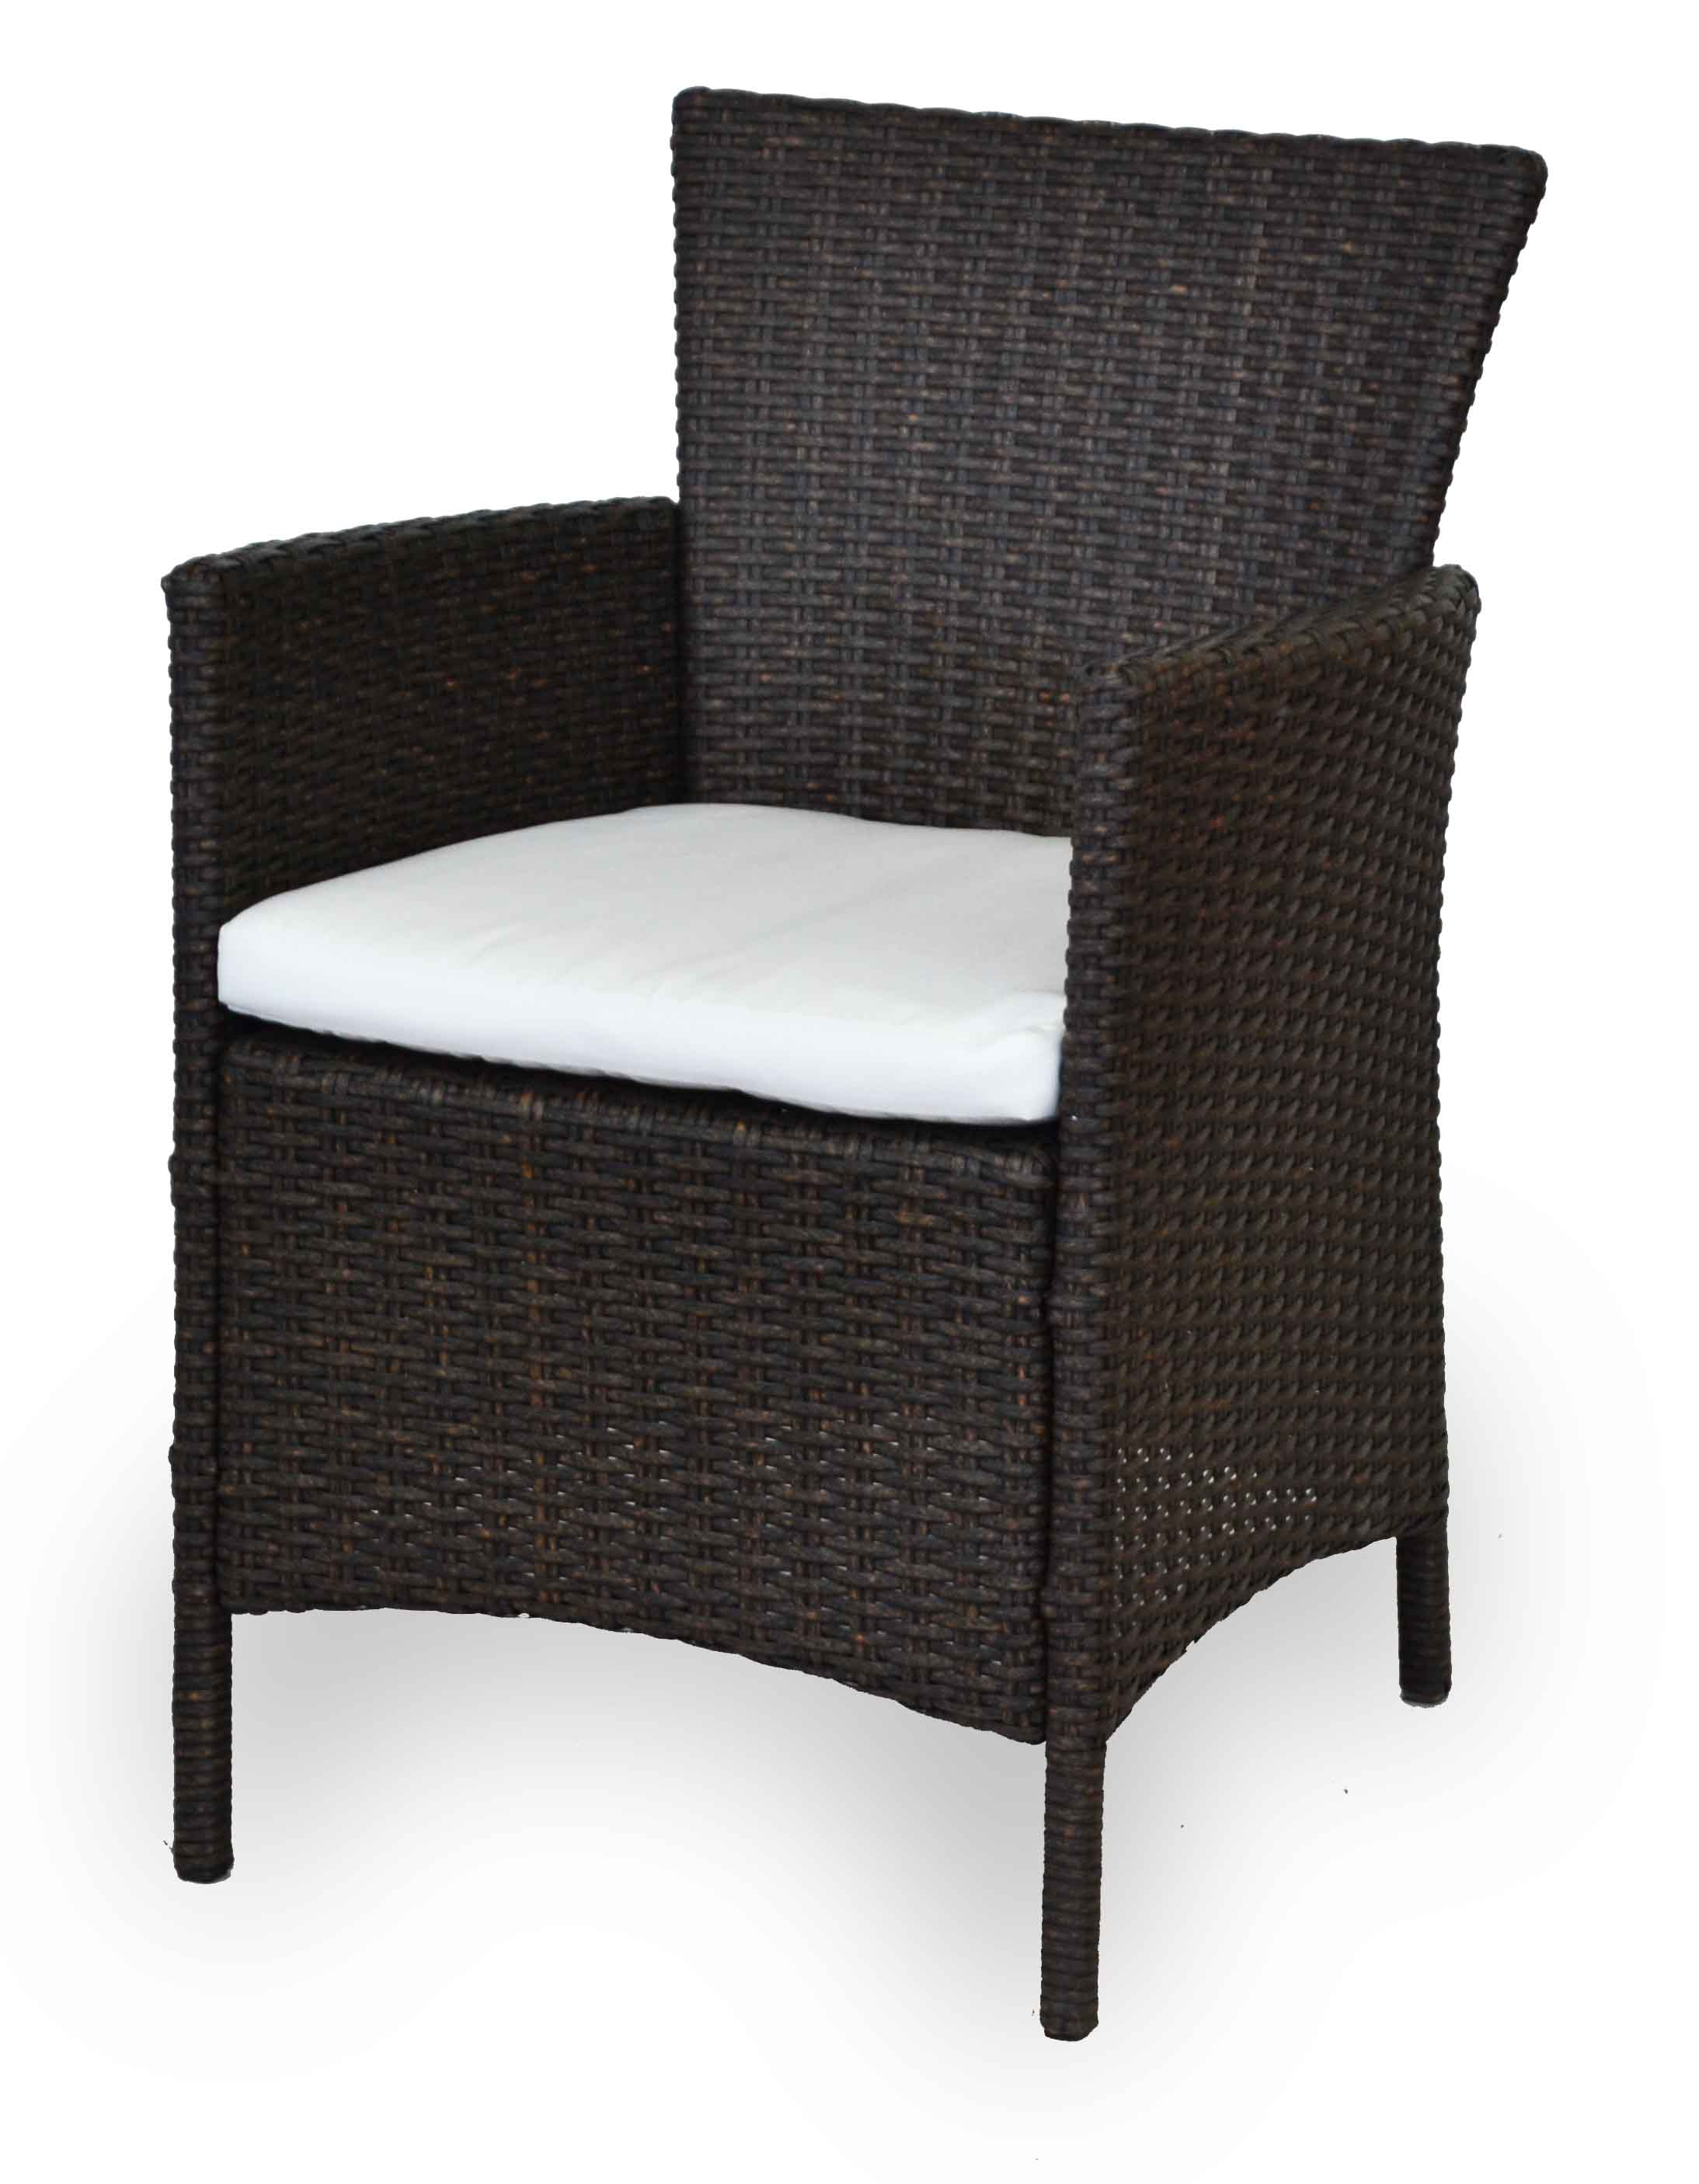 Πολυθρόνα για εξωτερικό χώρο Σκελετός αλουμινίου με πλάτη και κάθισμα απο rattan